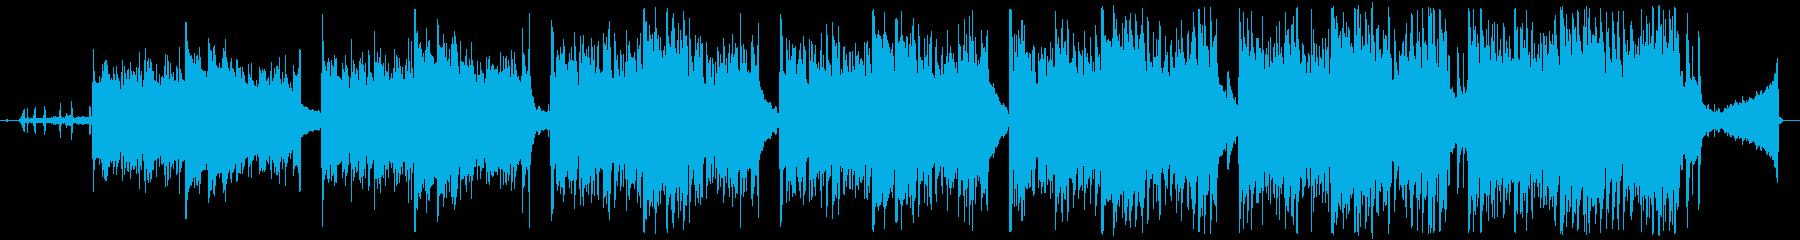 鳥の声にアコギが何本も重なっていくの再生済みの波形